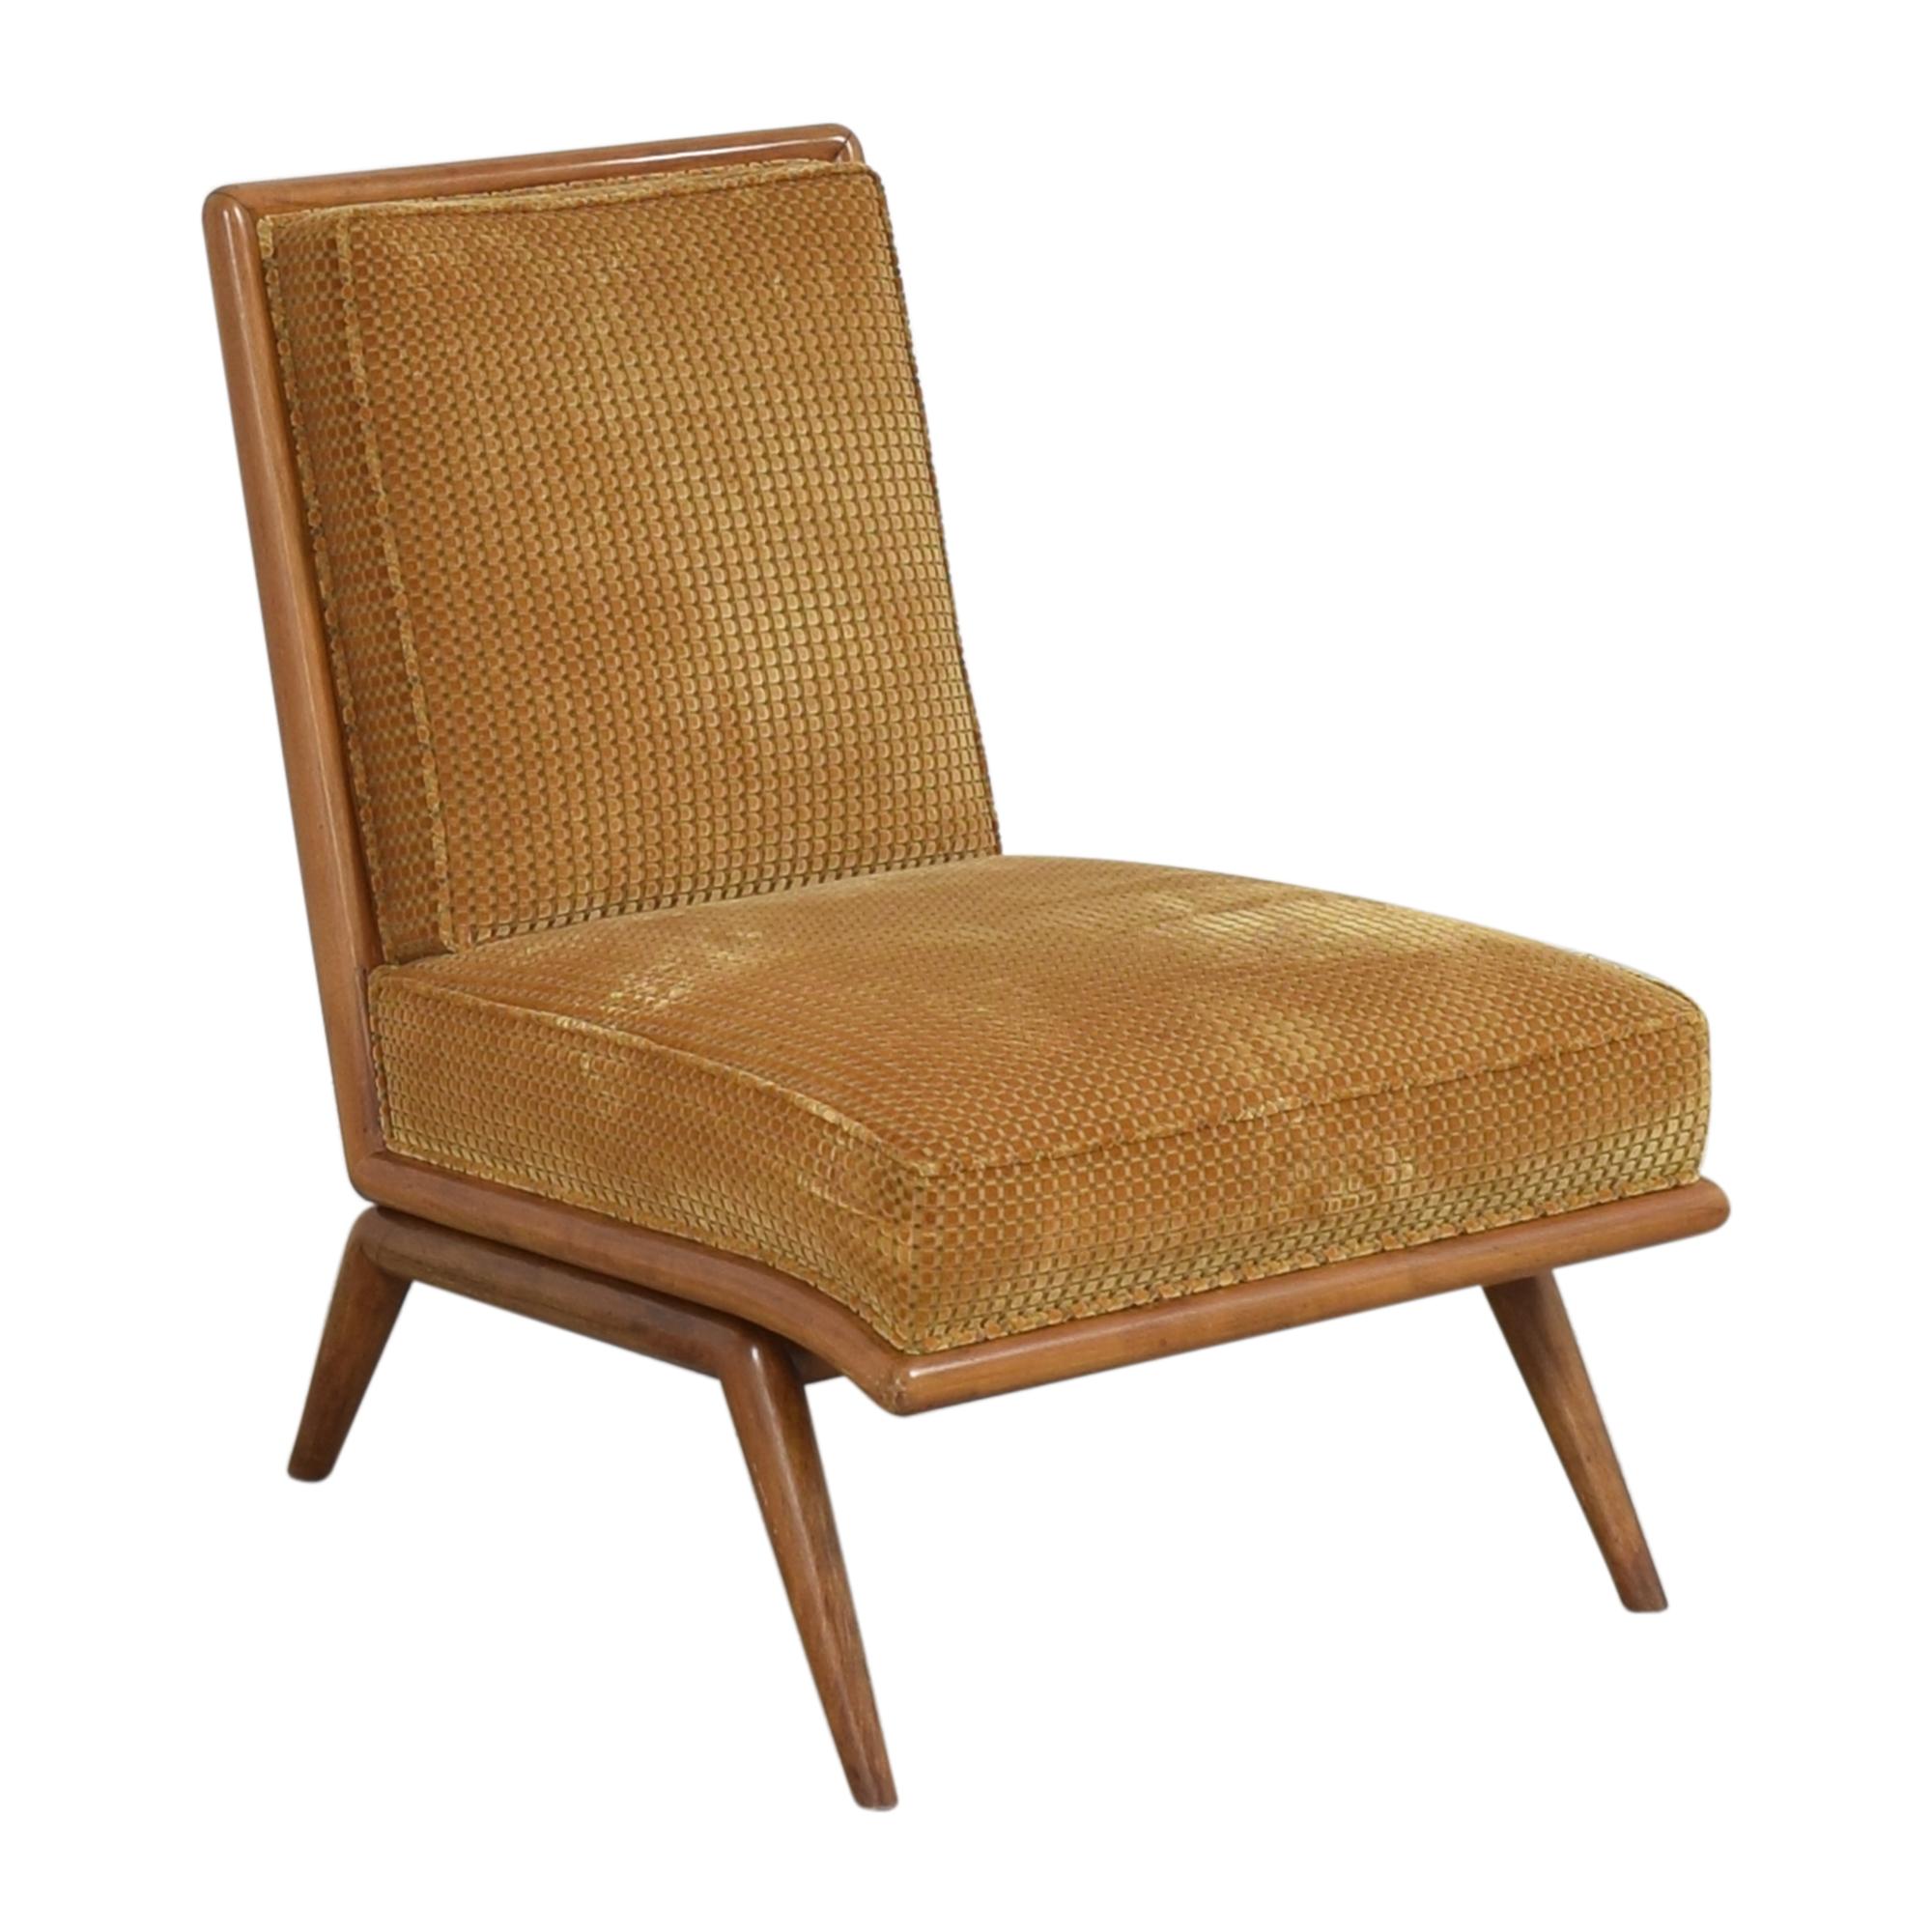 Widdicomb T.H. Robsjohn Gibbings for Widdicomb Slipper Chair pa